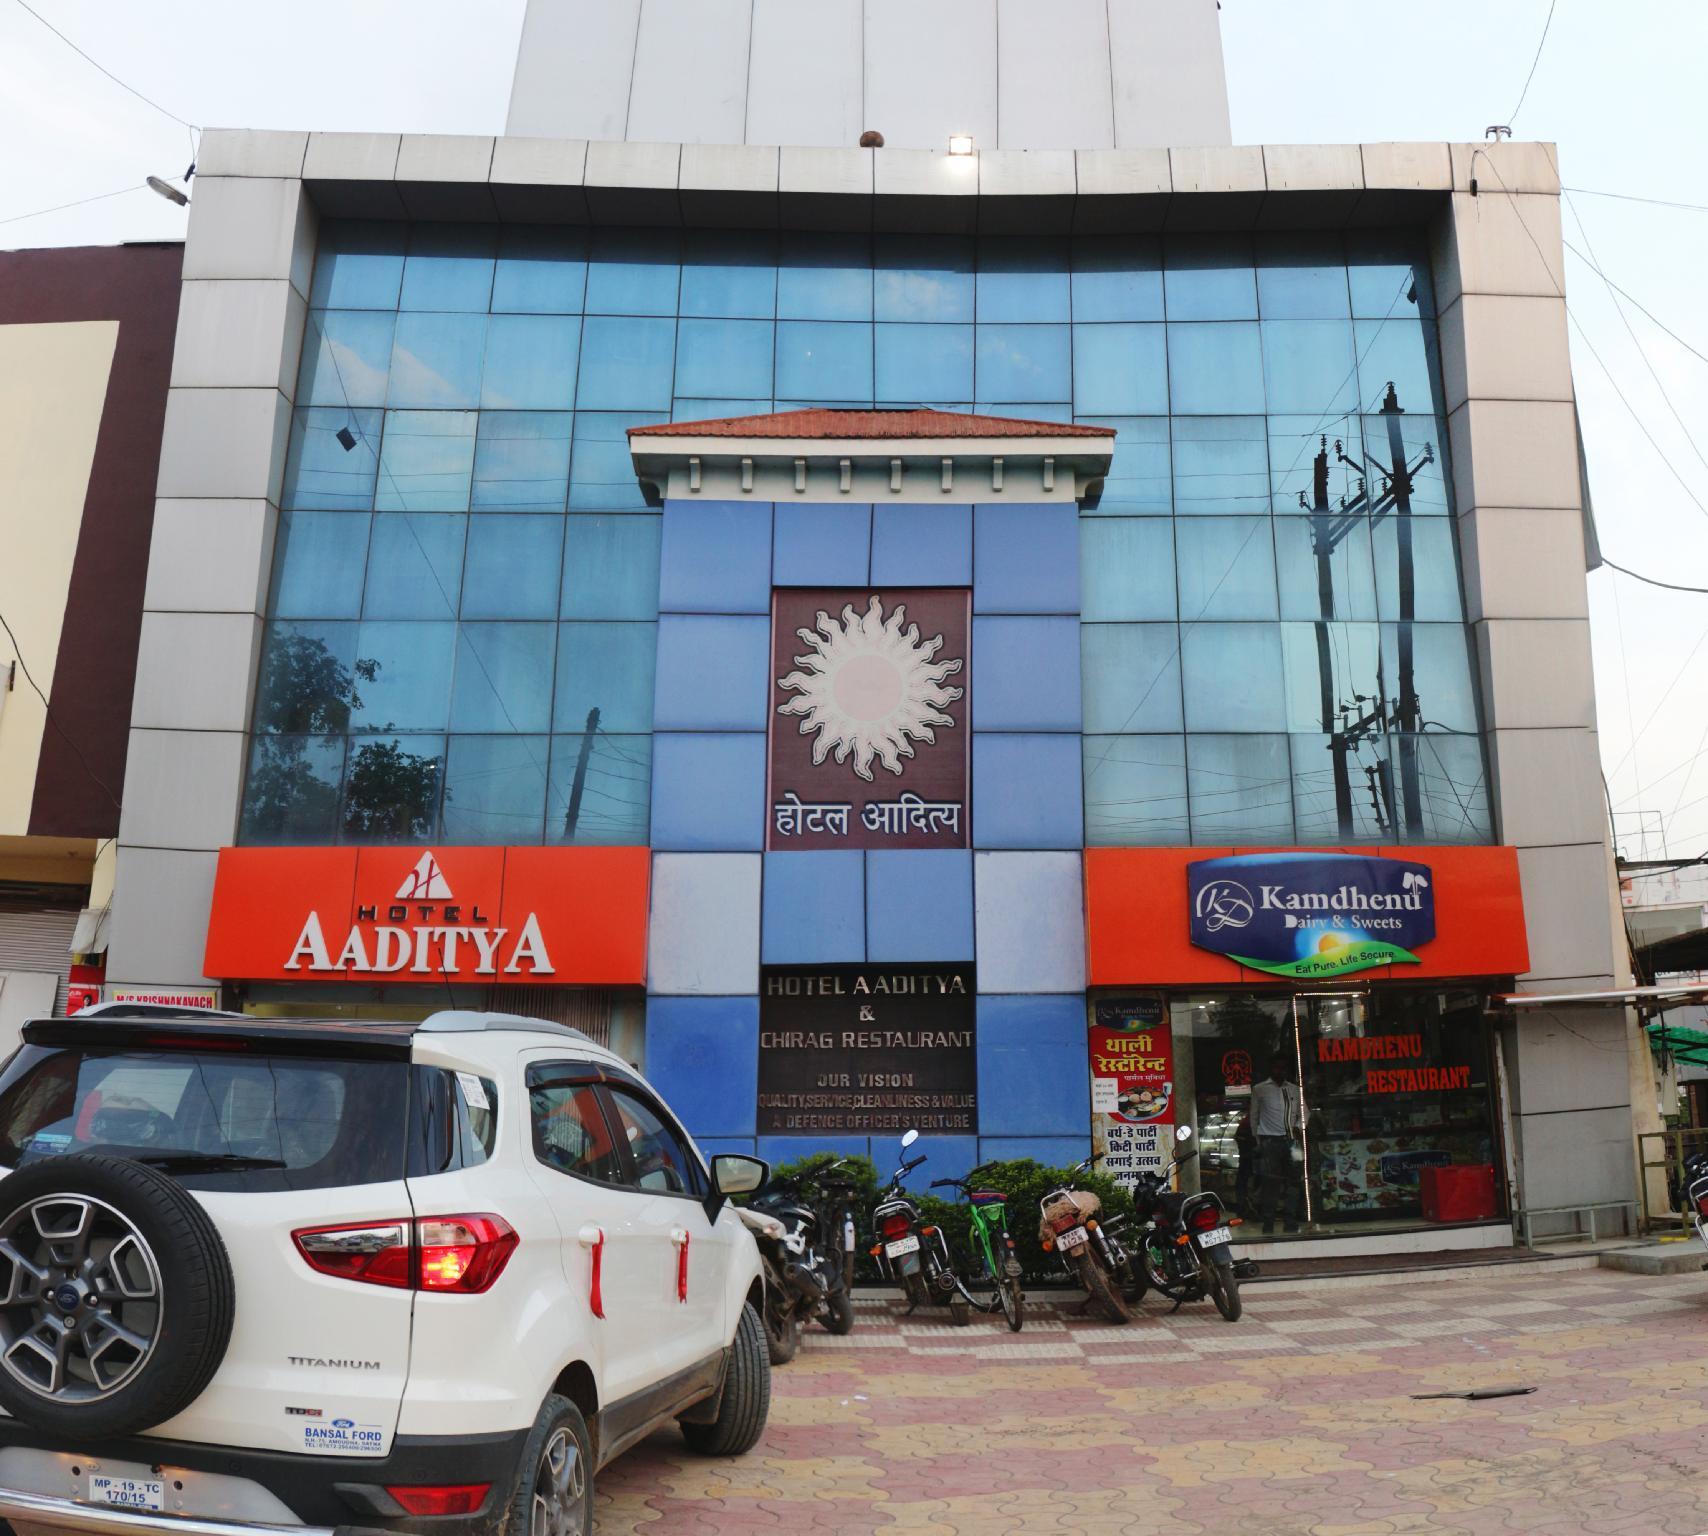 Hotel Aaditya